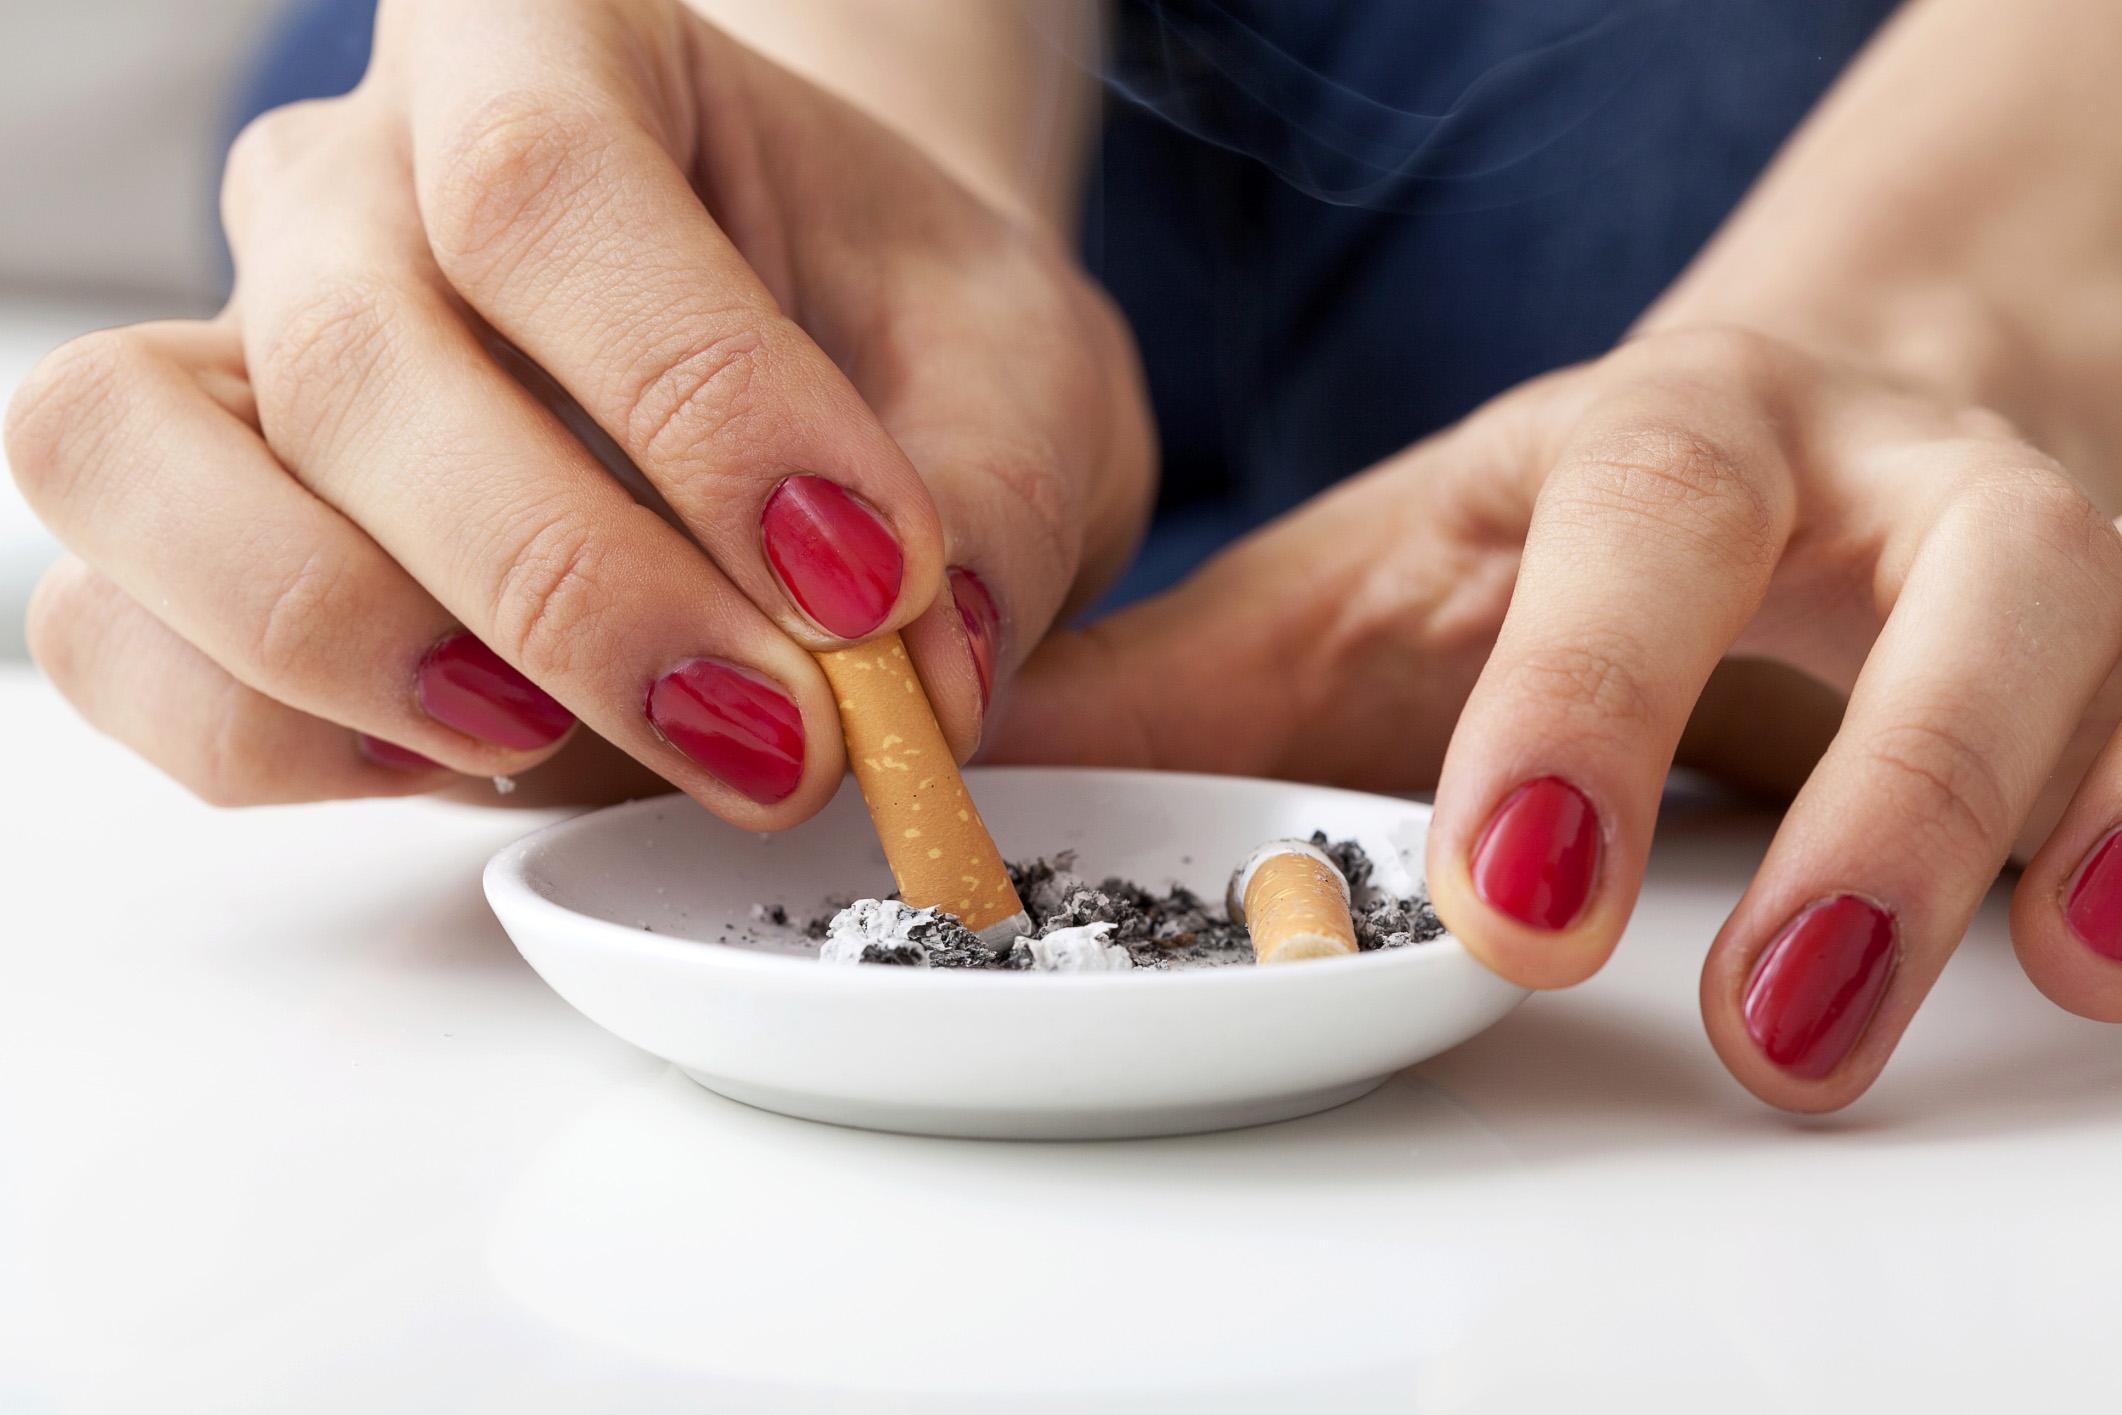 akik abbahagyták a dohányzást 2021-ban